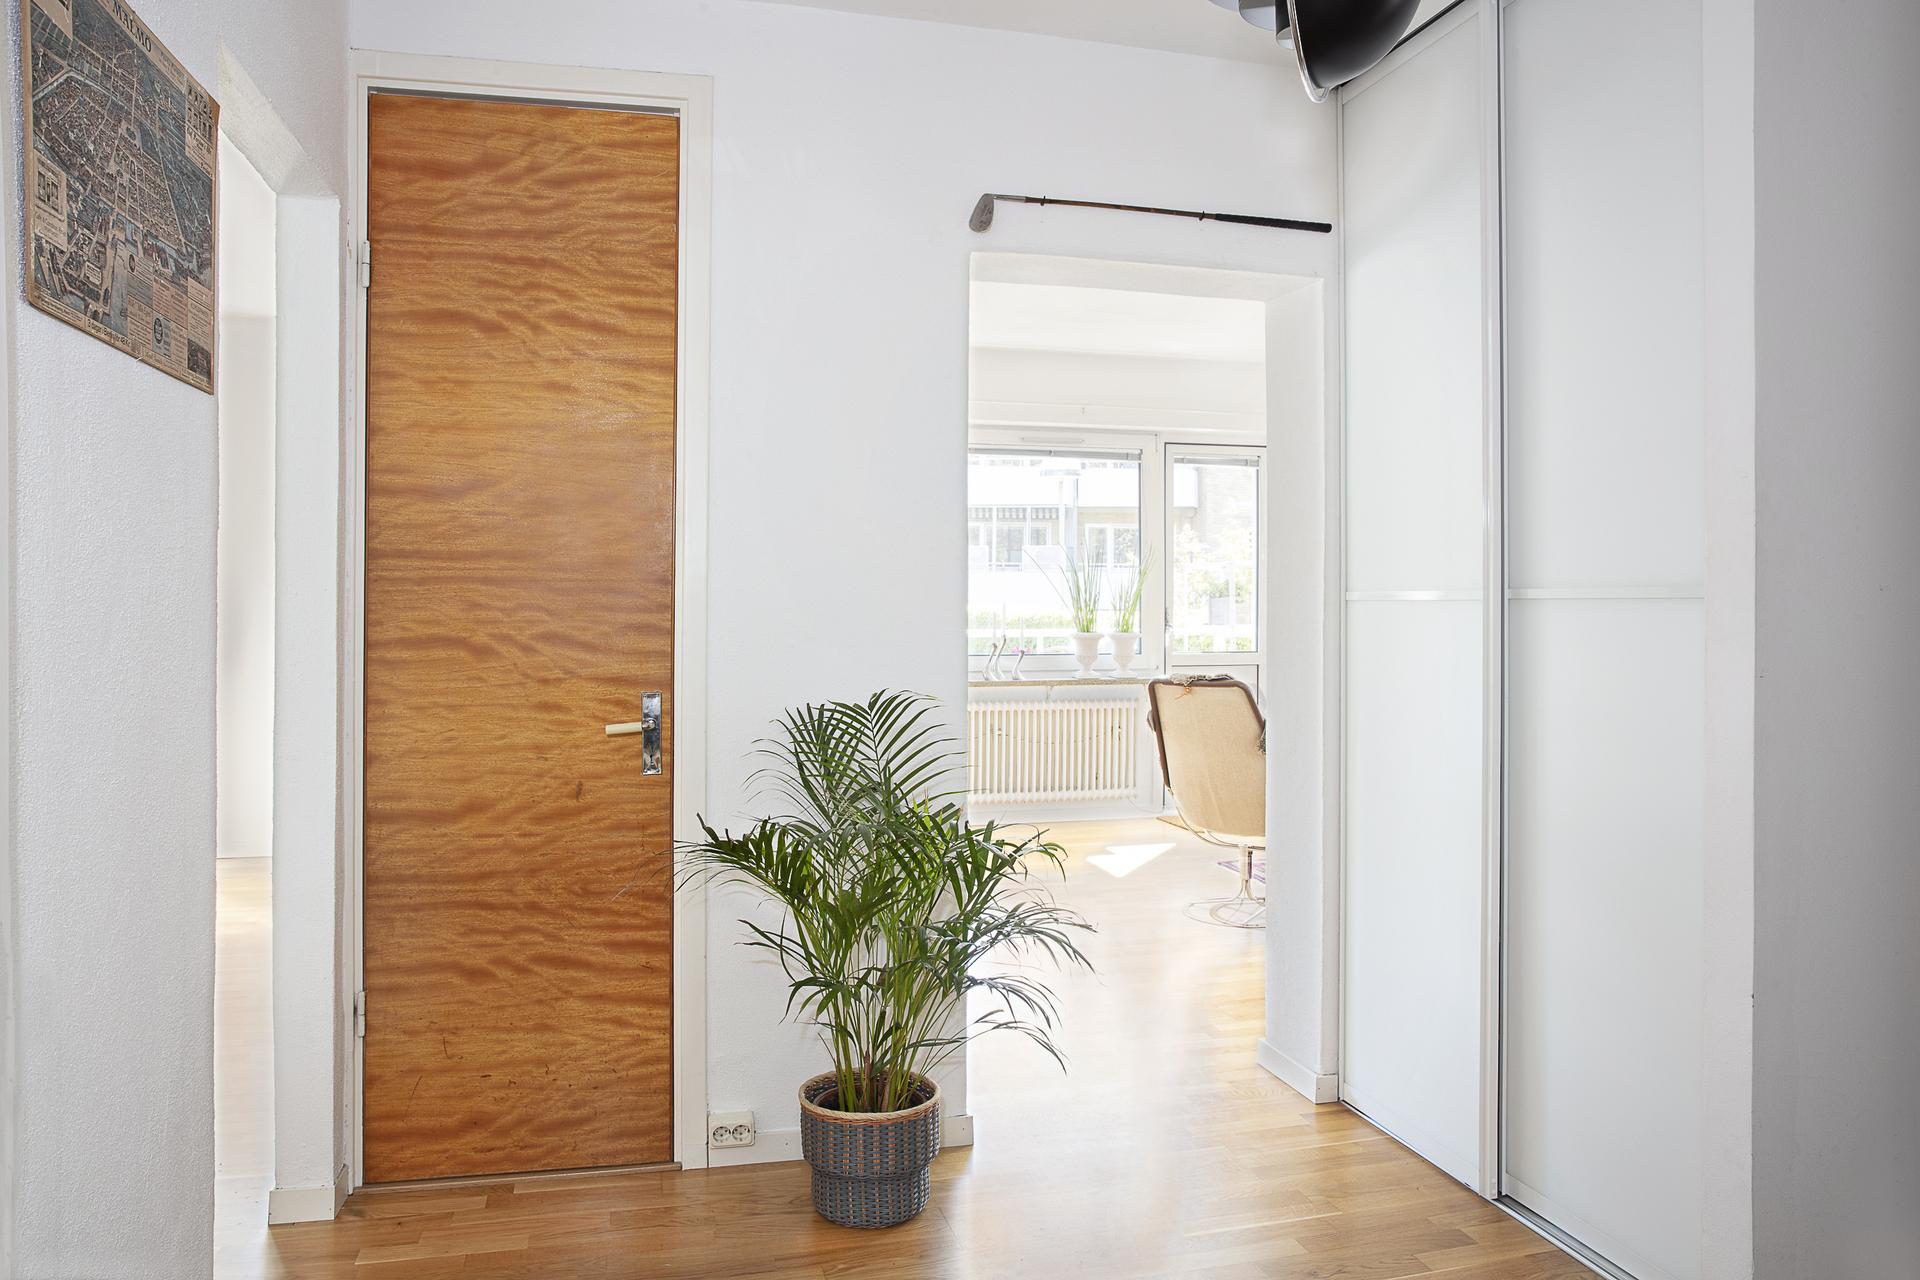 Hallen erbjuder inbyggnadsgarderober för förvaring